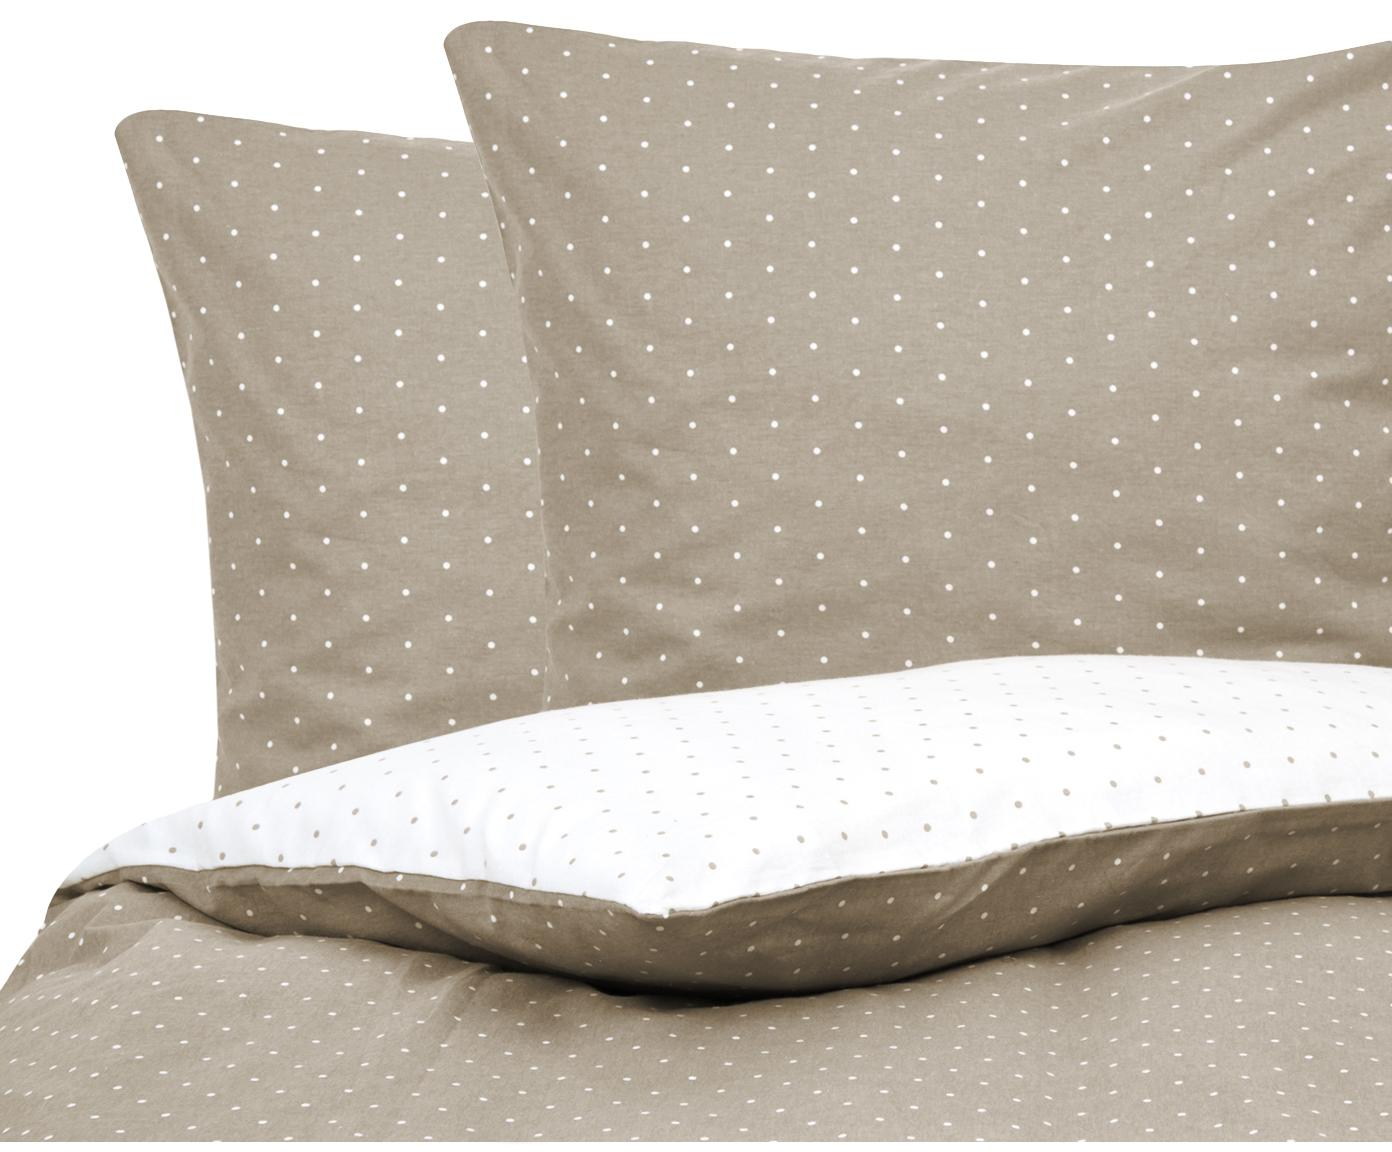 Flanell-Wendebettwäsche Betty, gepunktet, Webart: Flanell Flanell ist ein s, Beige, Weiß, 200 x 200 cm + 2 Kissen 80 x 80 cm